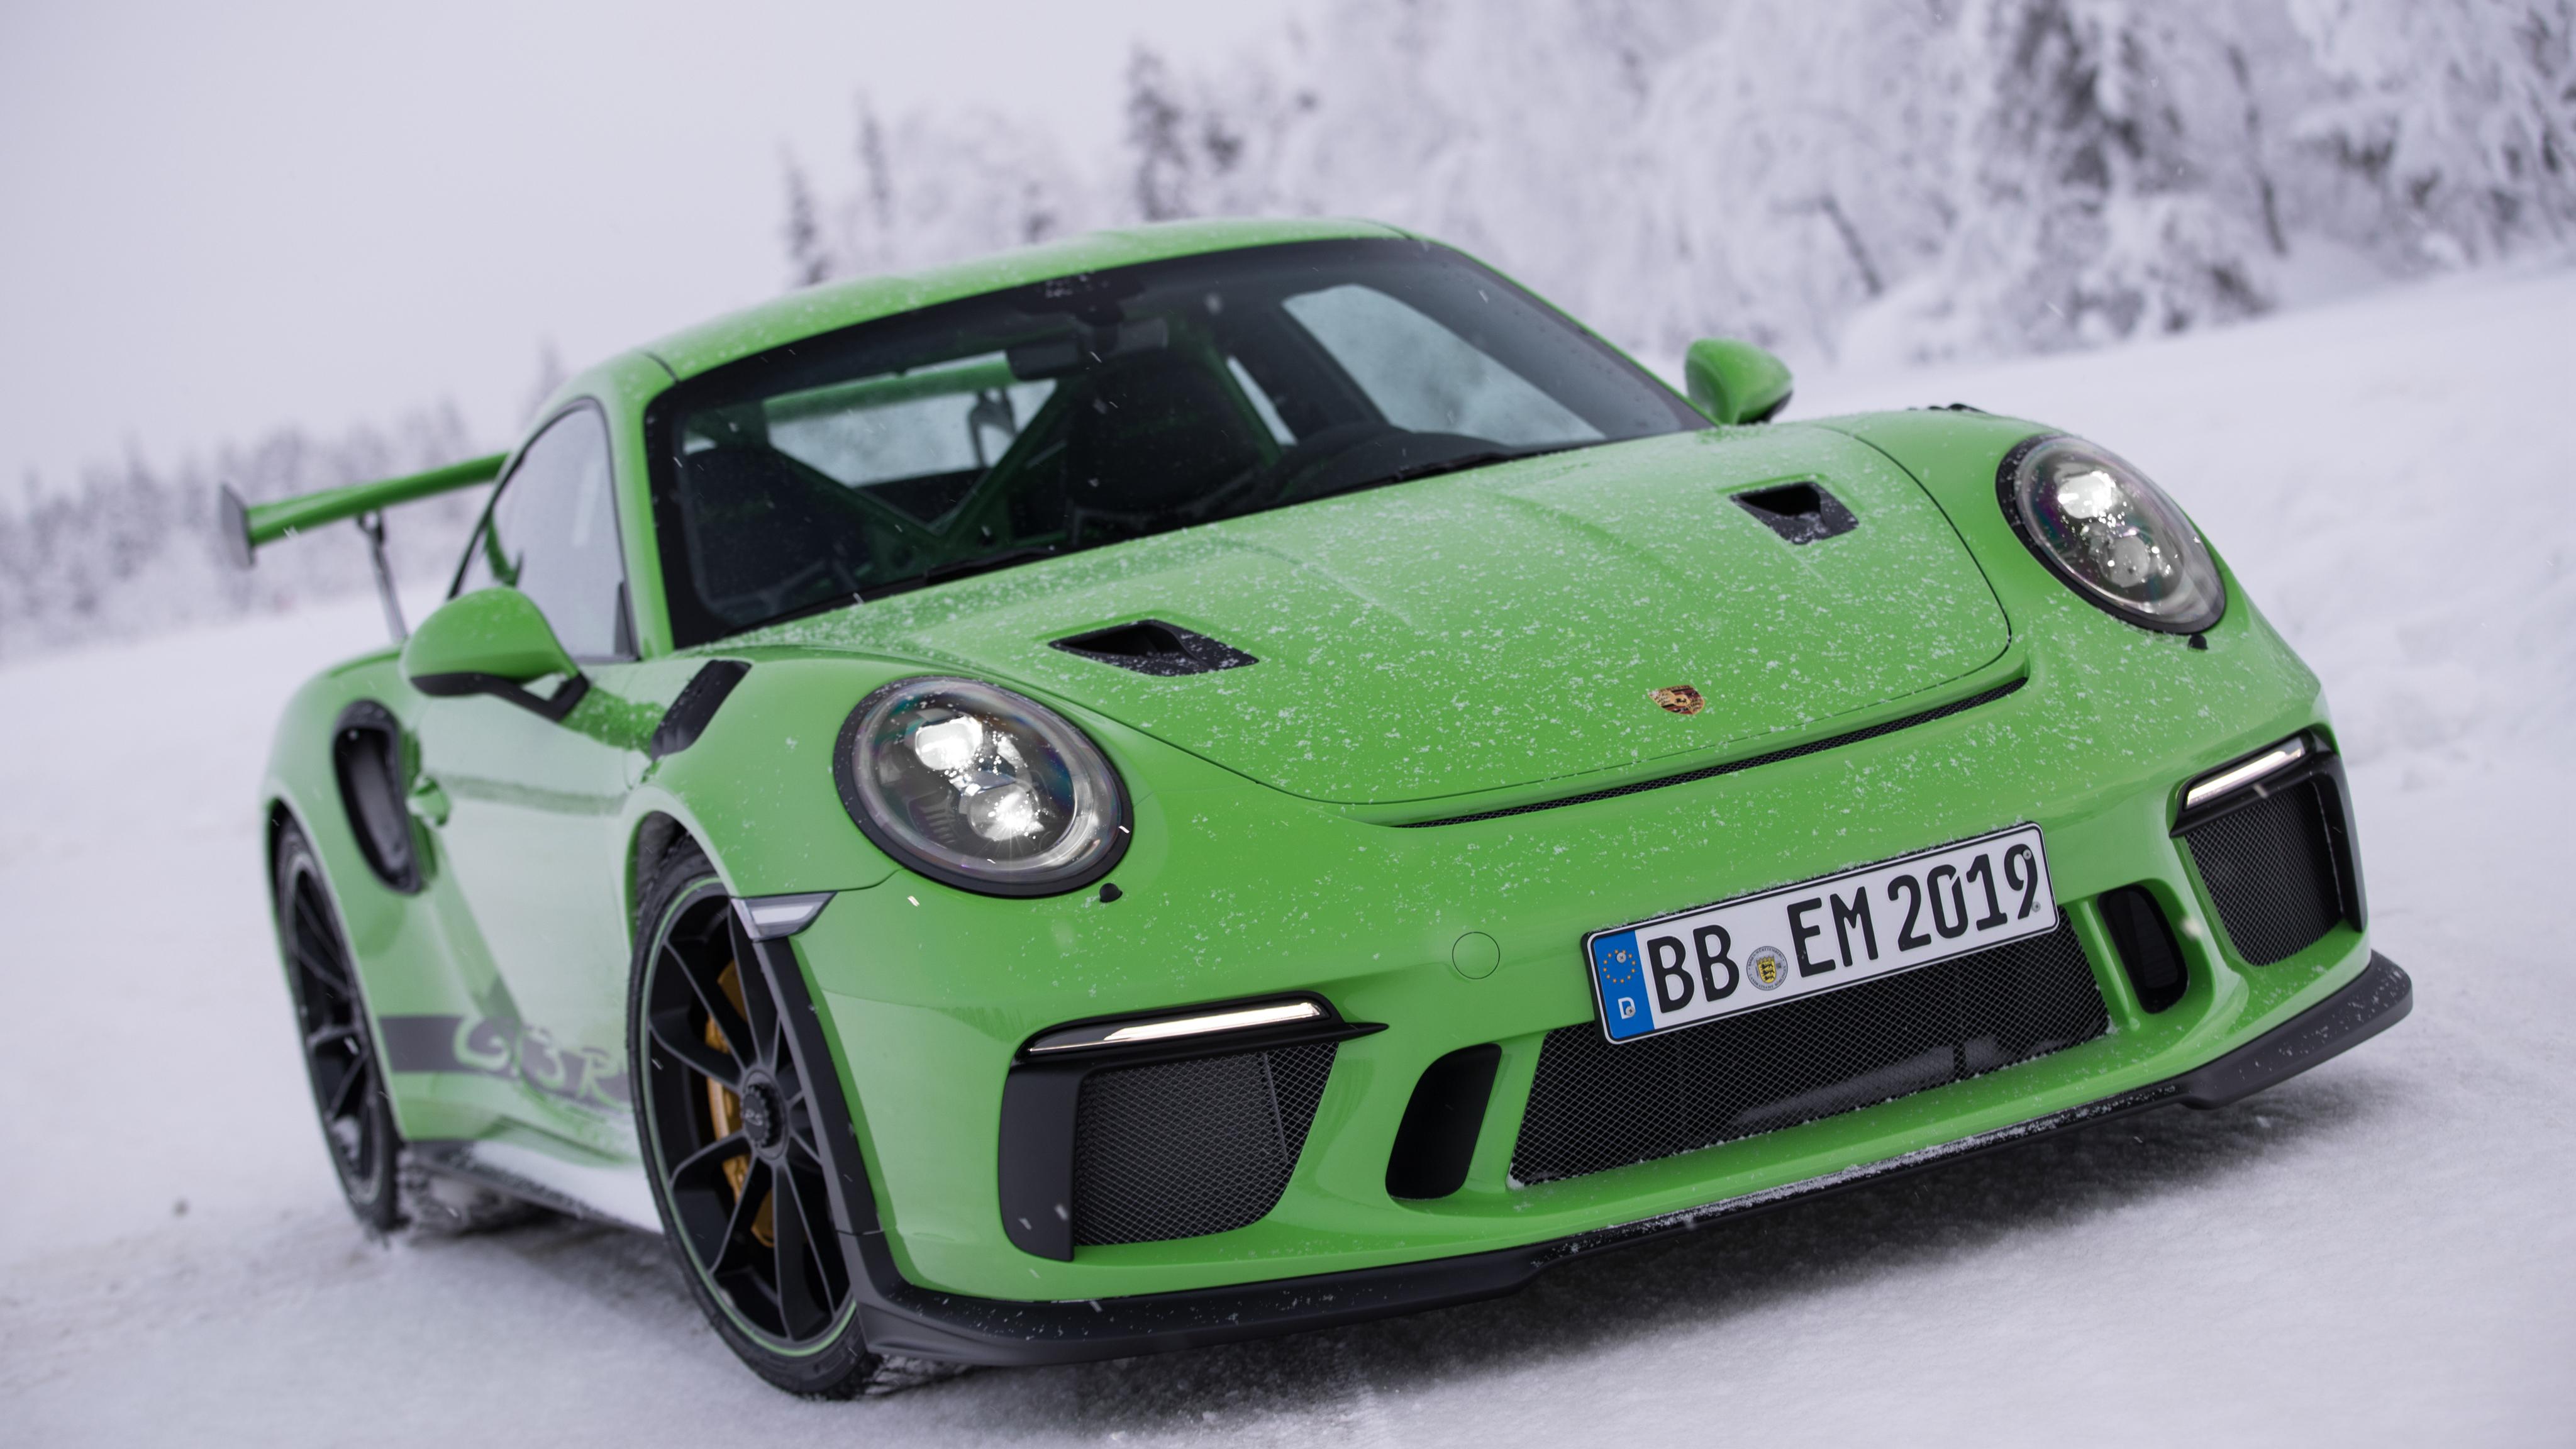 Porsche Gt3 Rs Blue 1920 X 1080: 2018 Porsche 911 GT3 RS 4K Wallpaper